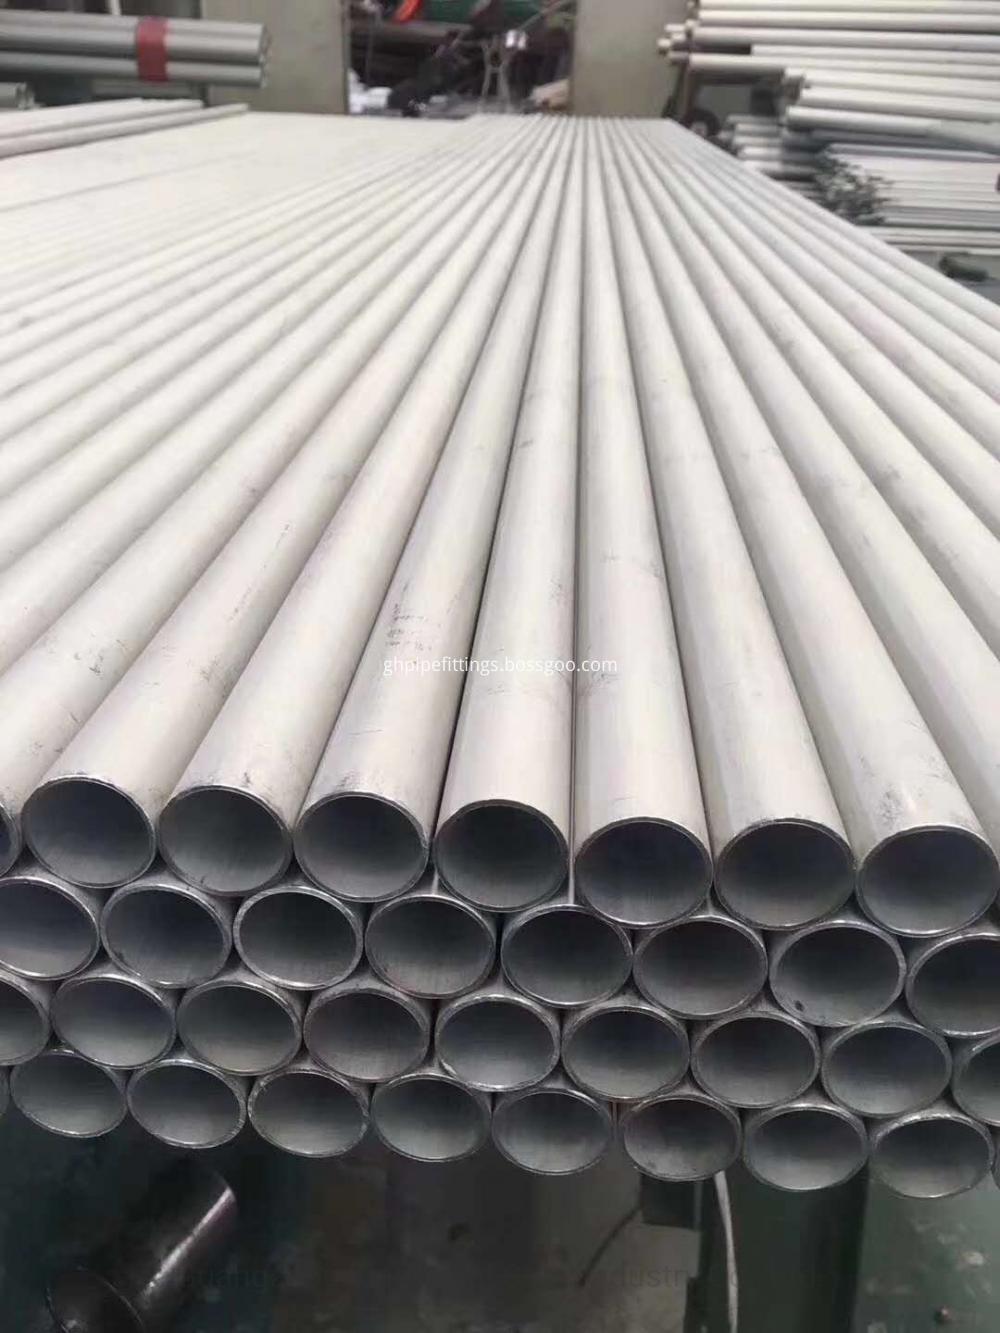 Astm B444 Uns N06625 Seamless Nickel Alloy Steel Tube Pipe Jpg